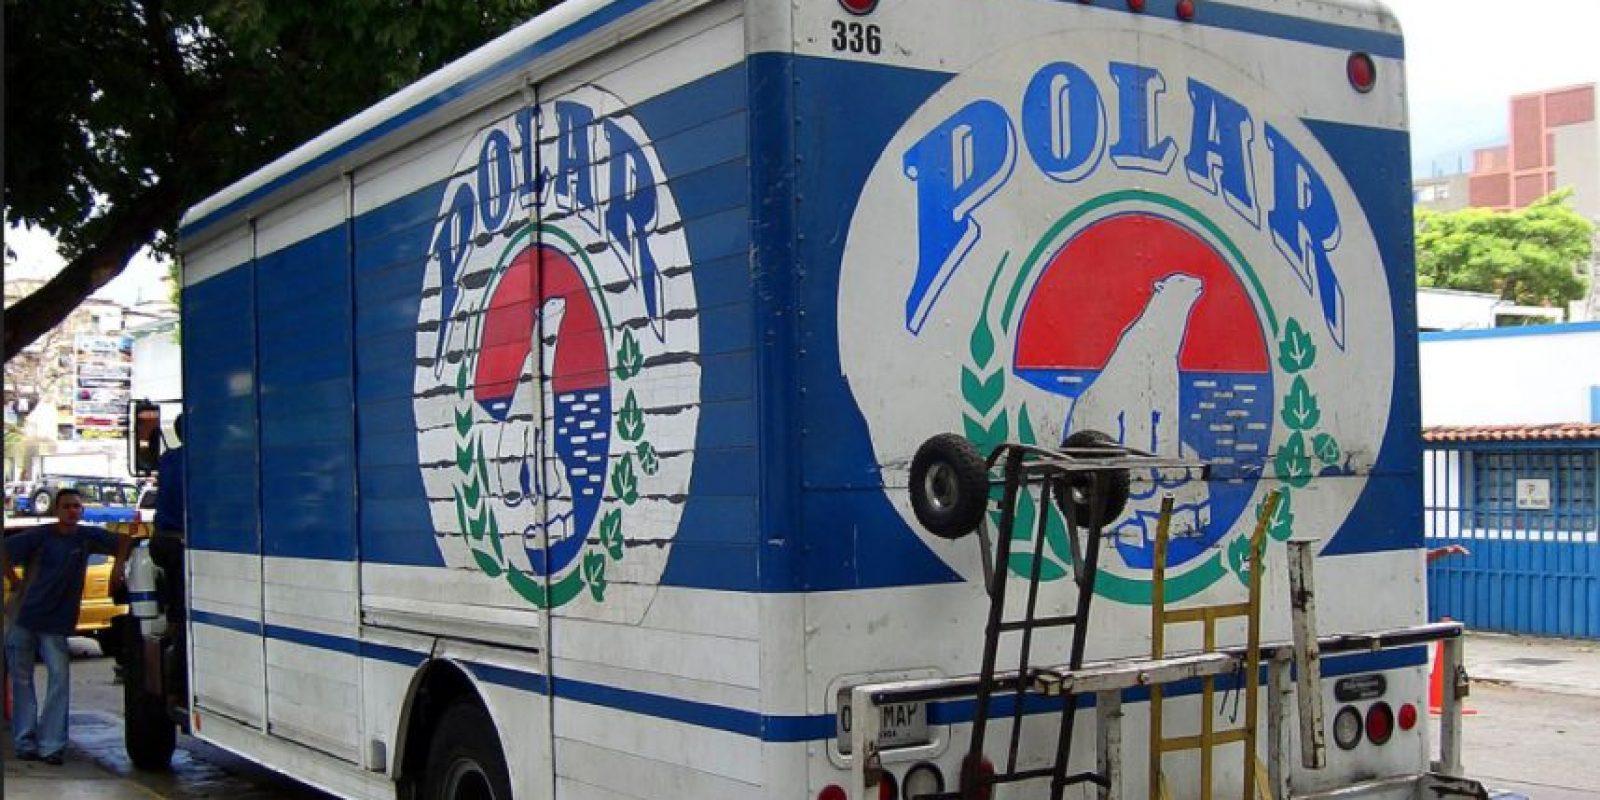 La cervecería Polar podría desaparecer del mercado. Foto:Vía lickr.com